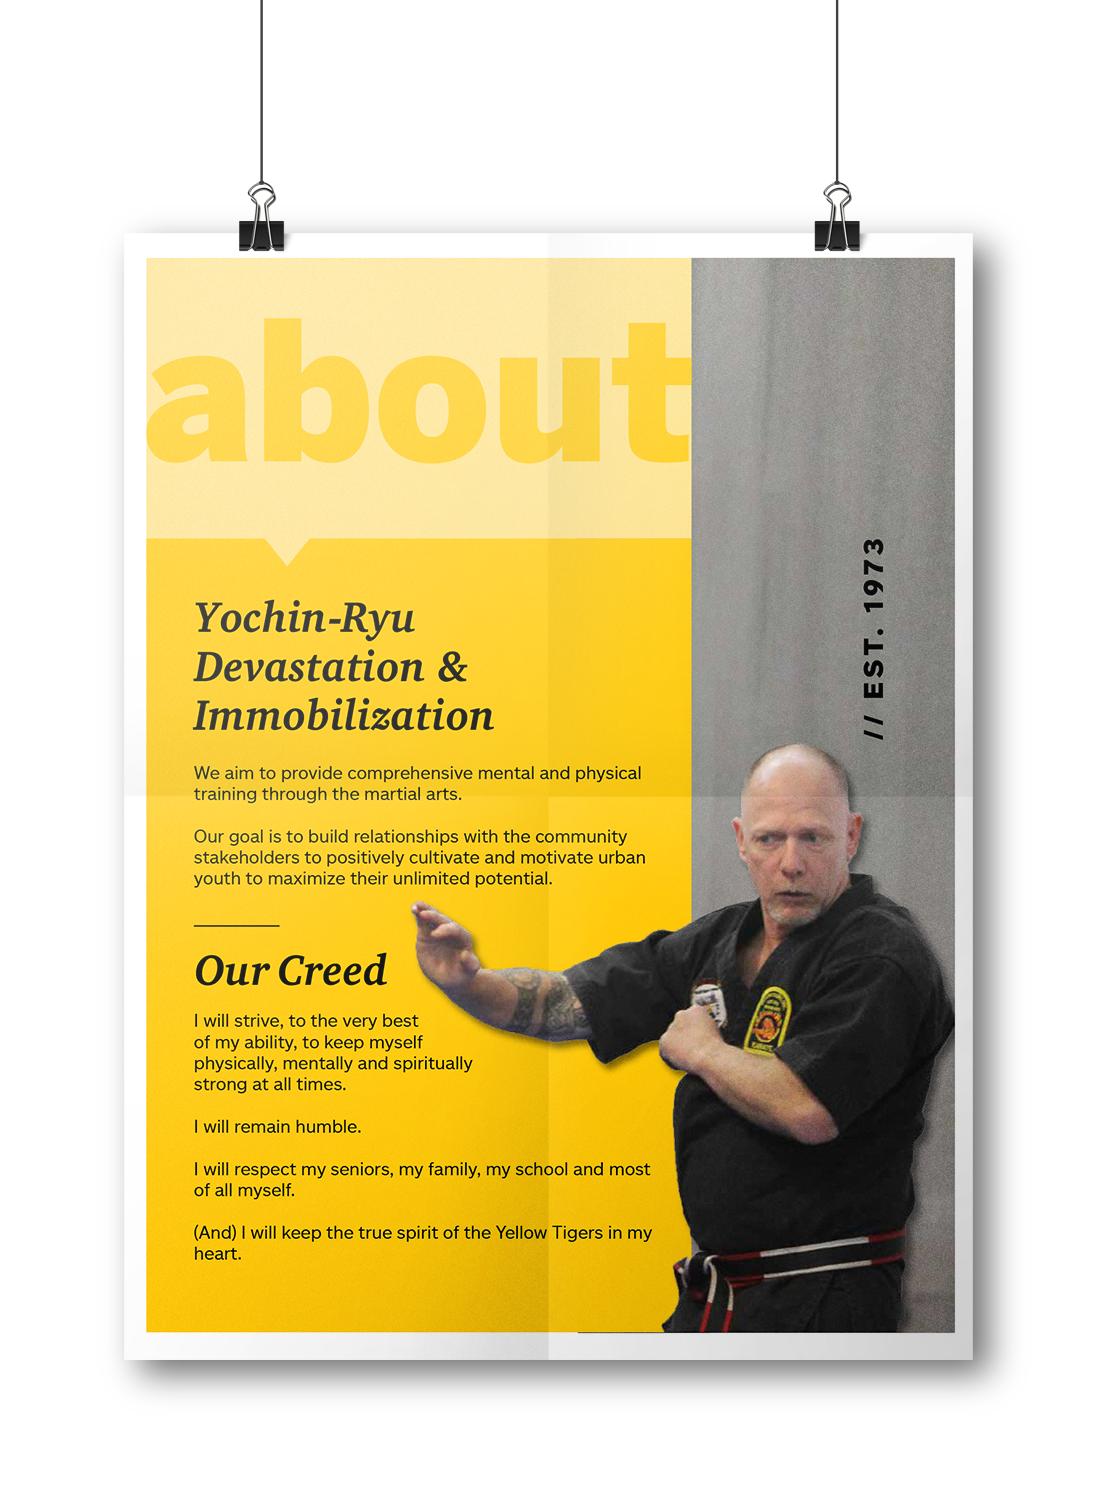 print_005.png